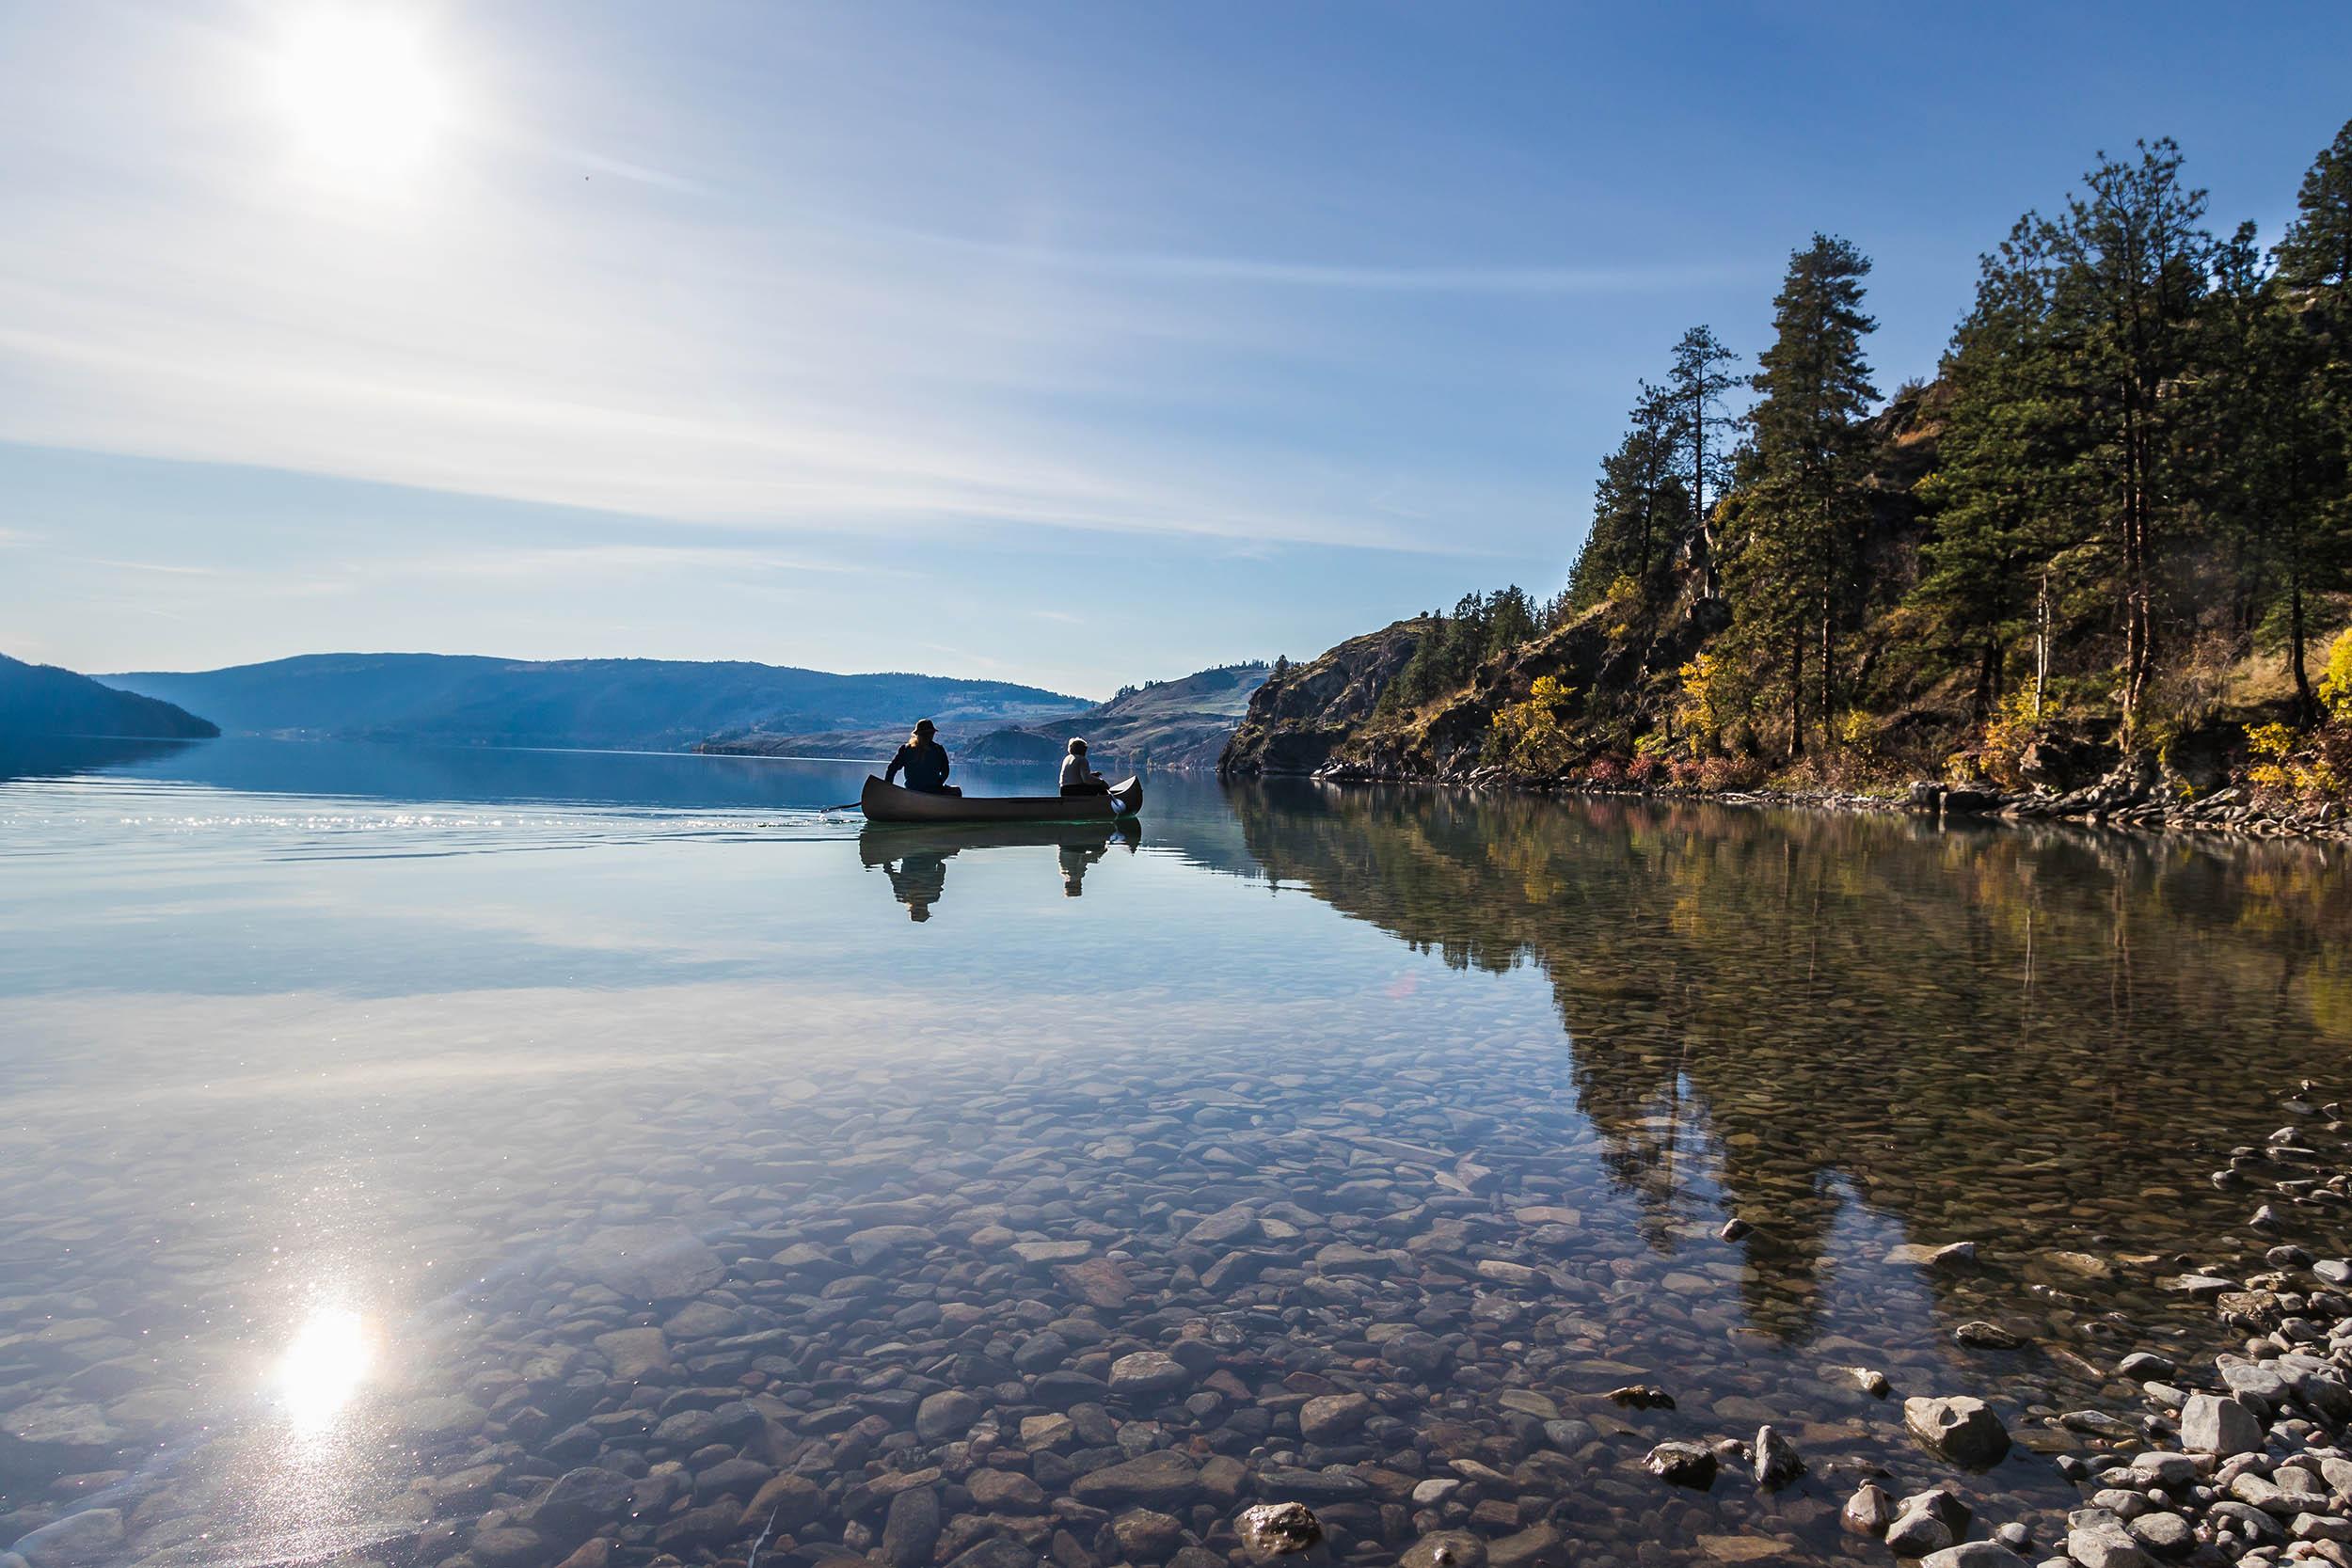 lac kalamalka - Automne Colombie-Britannique